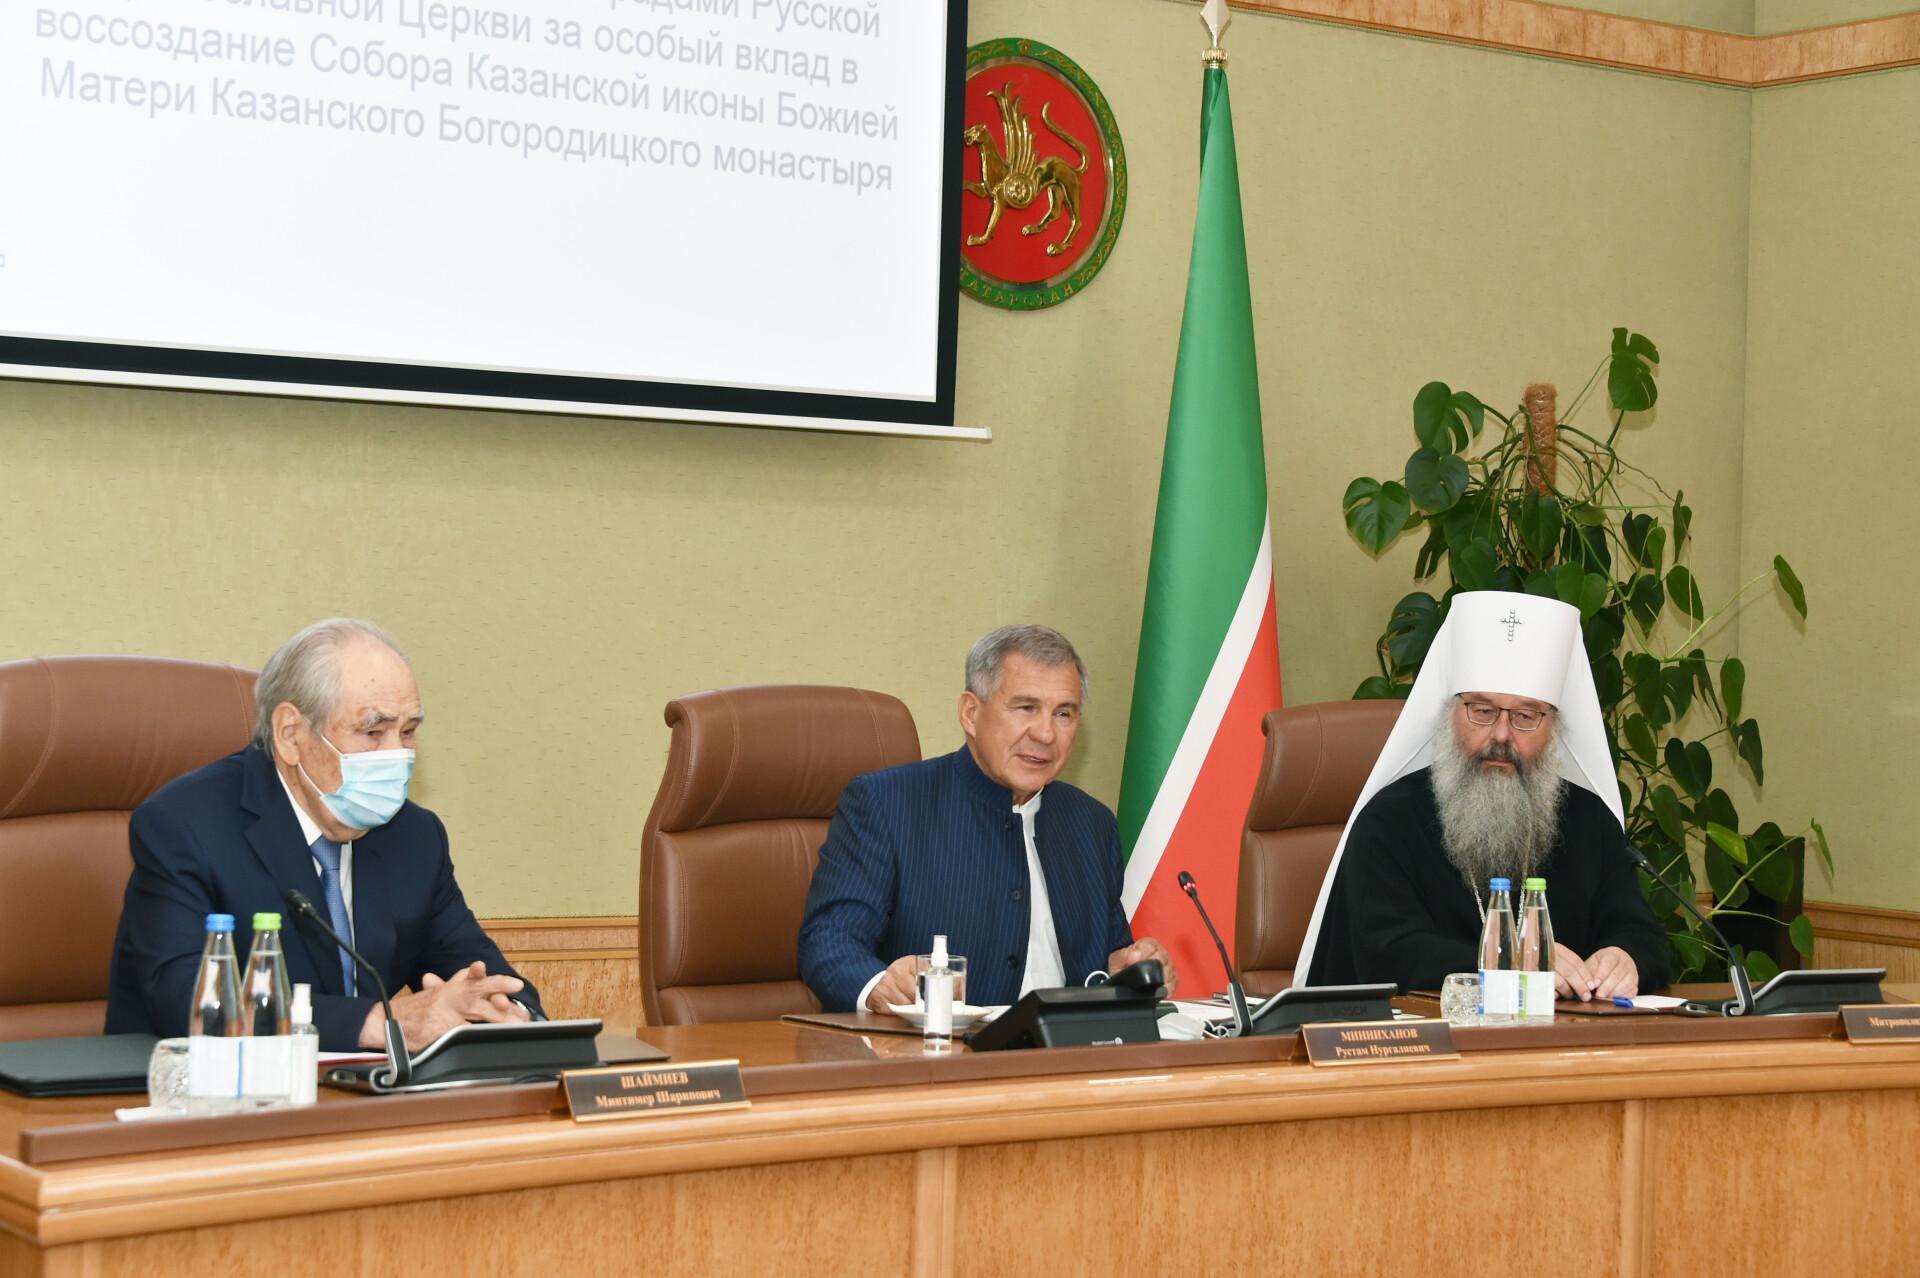 Минниханов вручил госнаграды за вклад воссоздание собора Казанской иконы Божией Матери